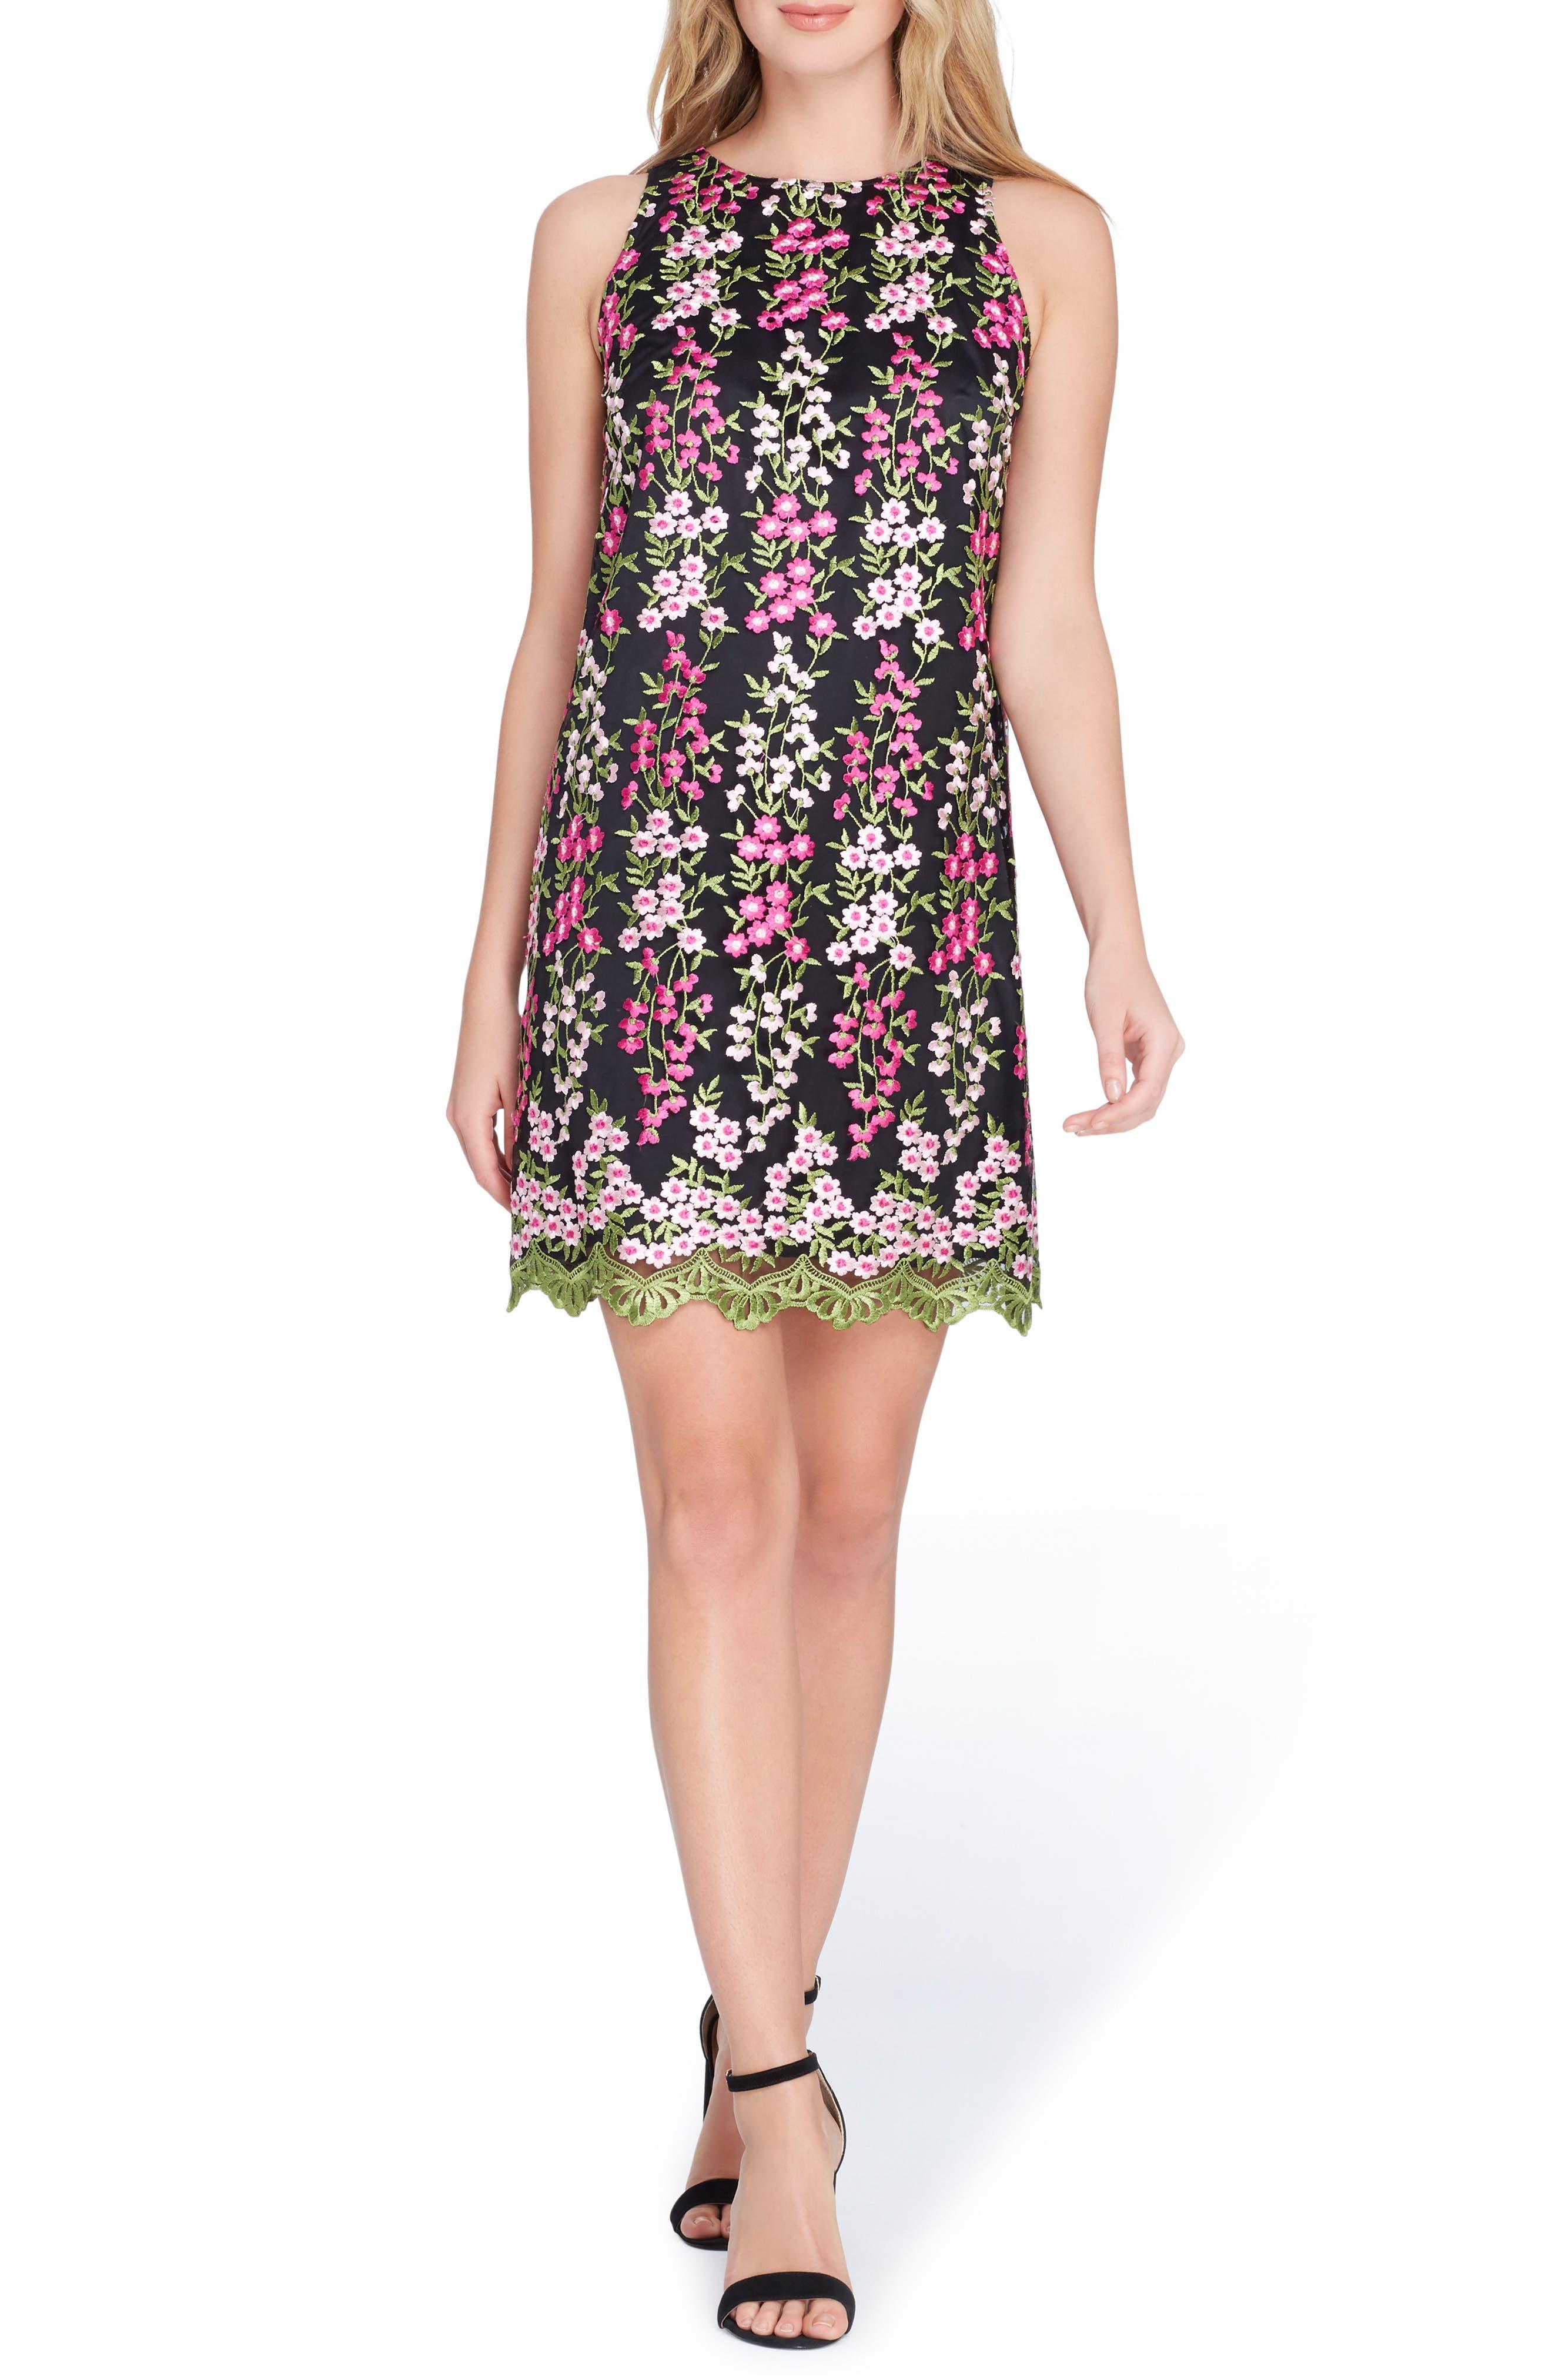 Embroidered Floral Shift Dress,                         Main,                         color, Black/ Magenta/ Blush